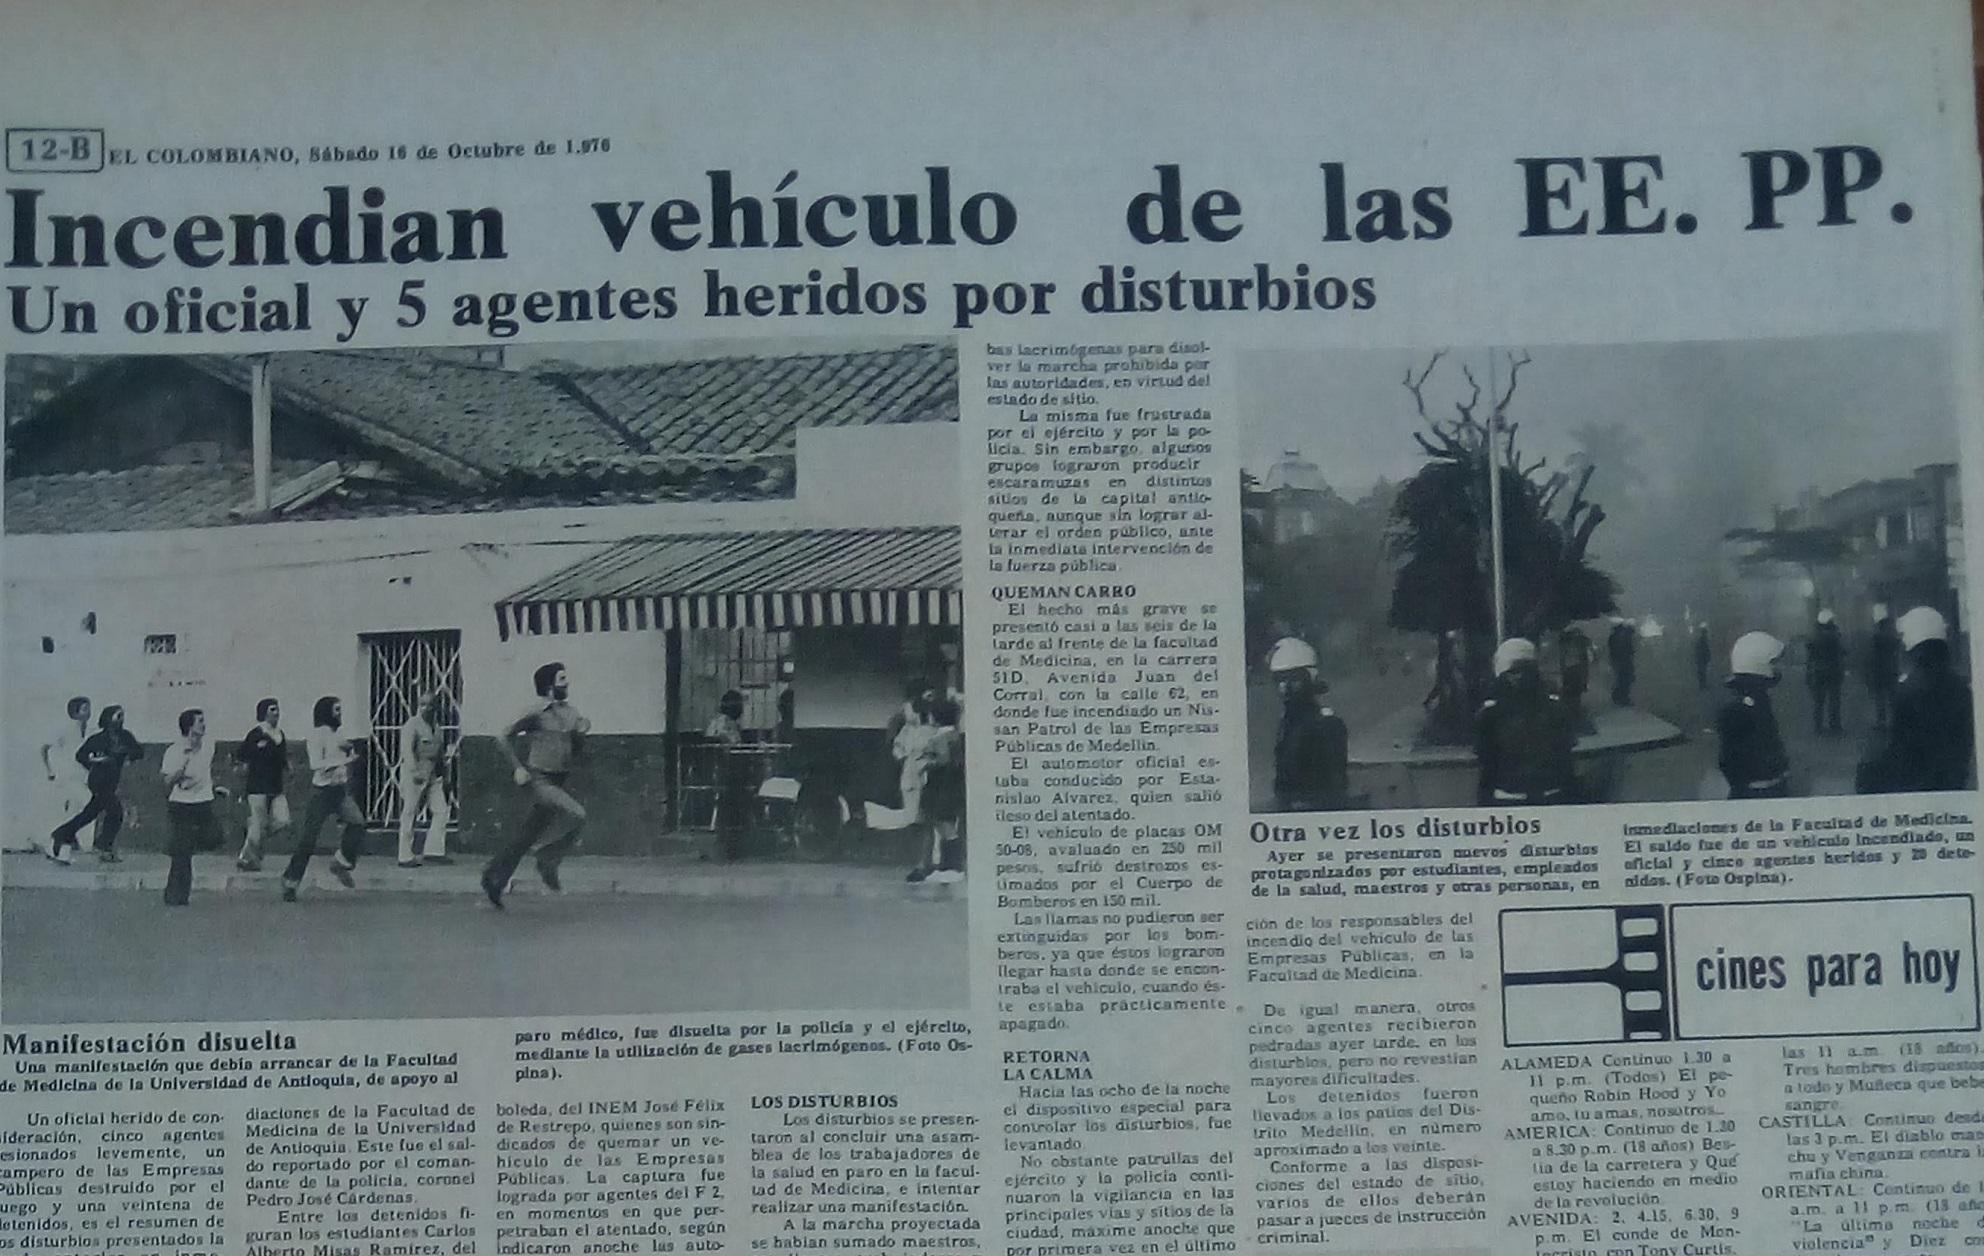 Fotografía tomada de la edición del 9 de octubre de 1976 del periódico El Colombiano.